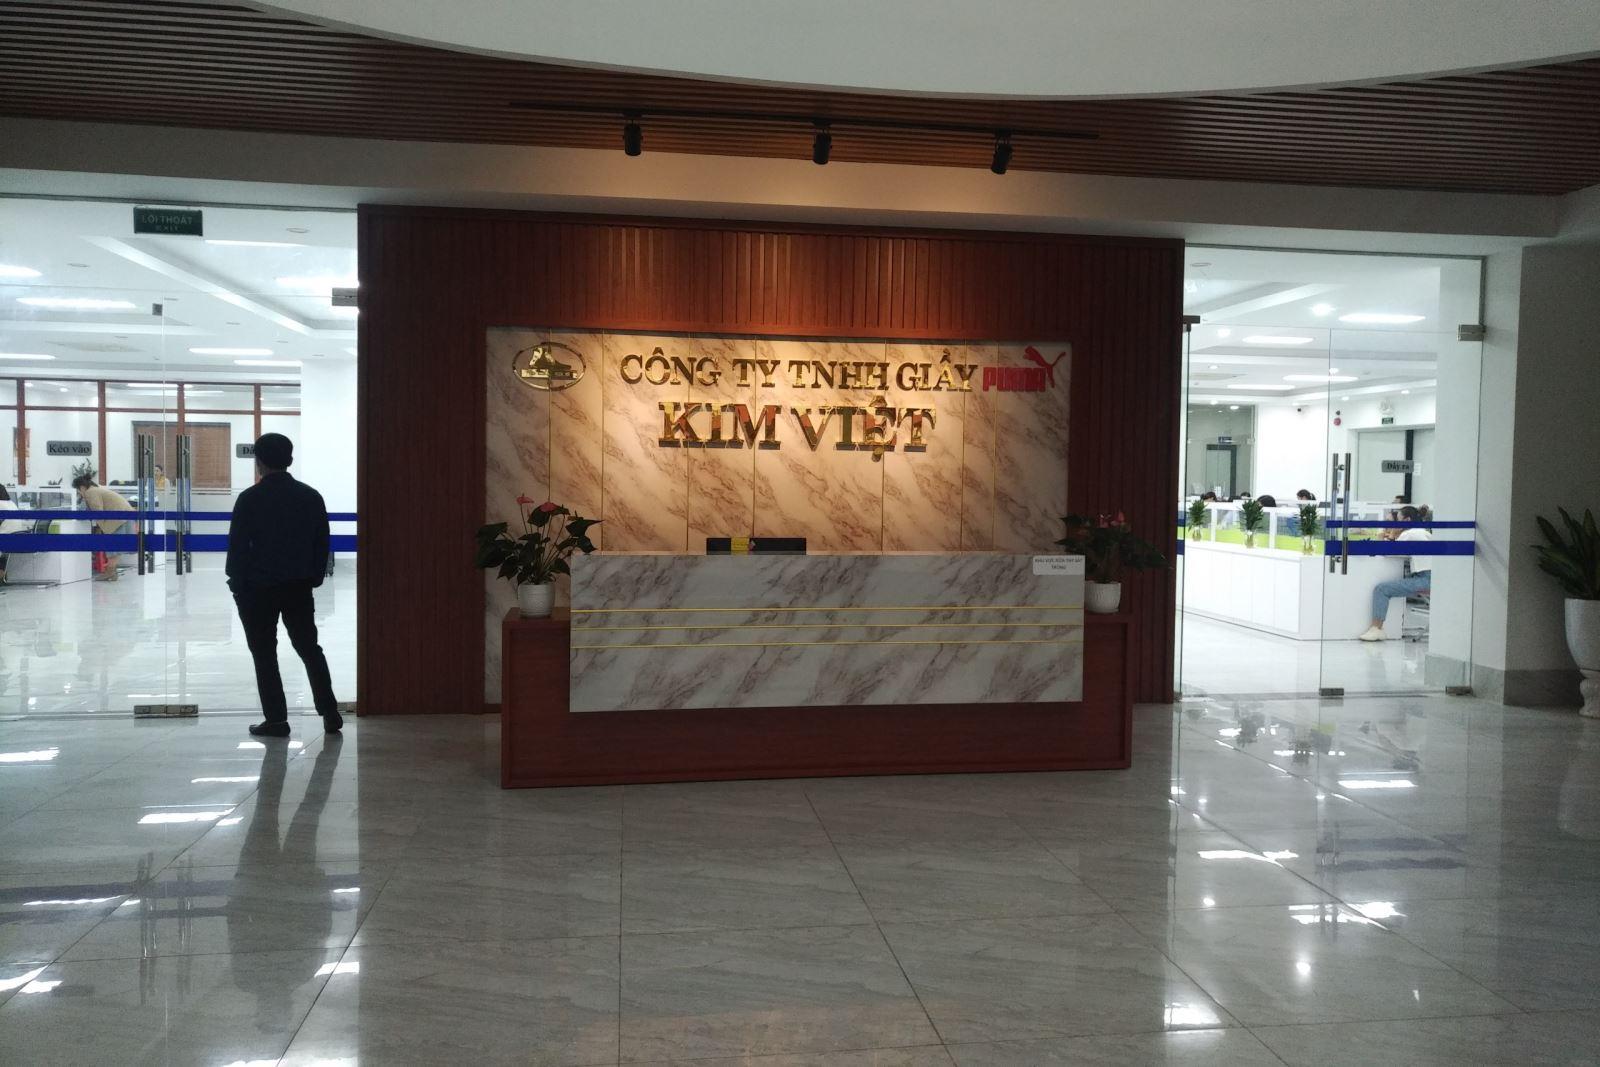 Lắp đặt cổng phân làn đi bộ lần 1 tại công ty TNHH Giầy Kim Việt Thanh Hóa